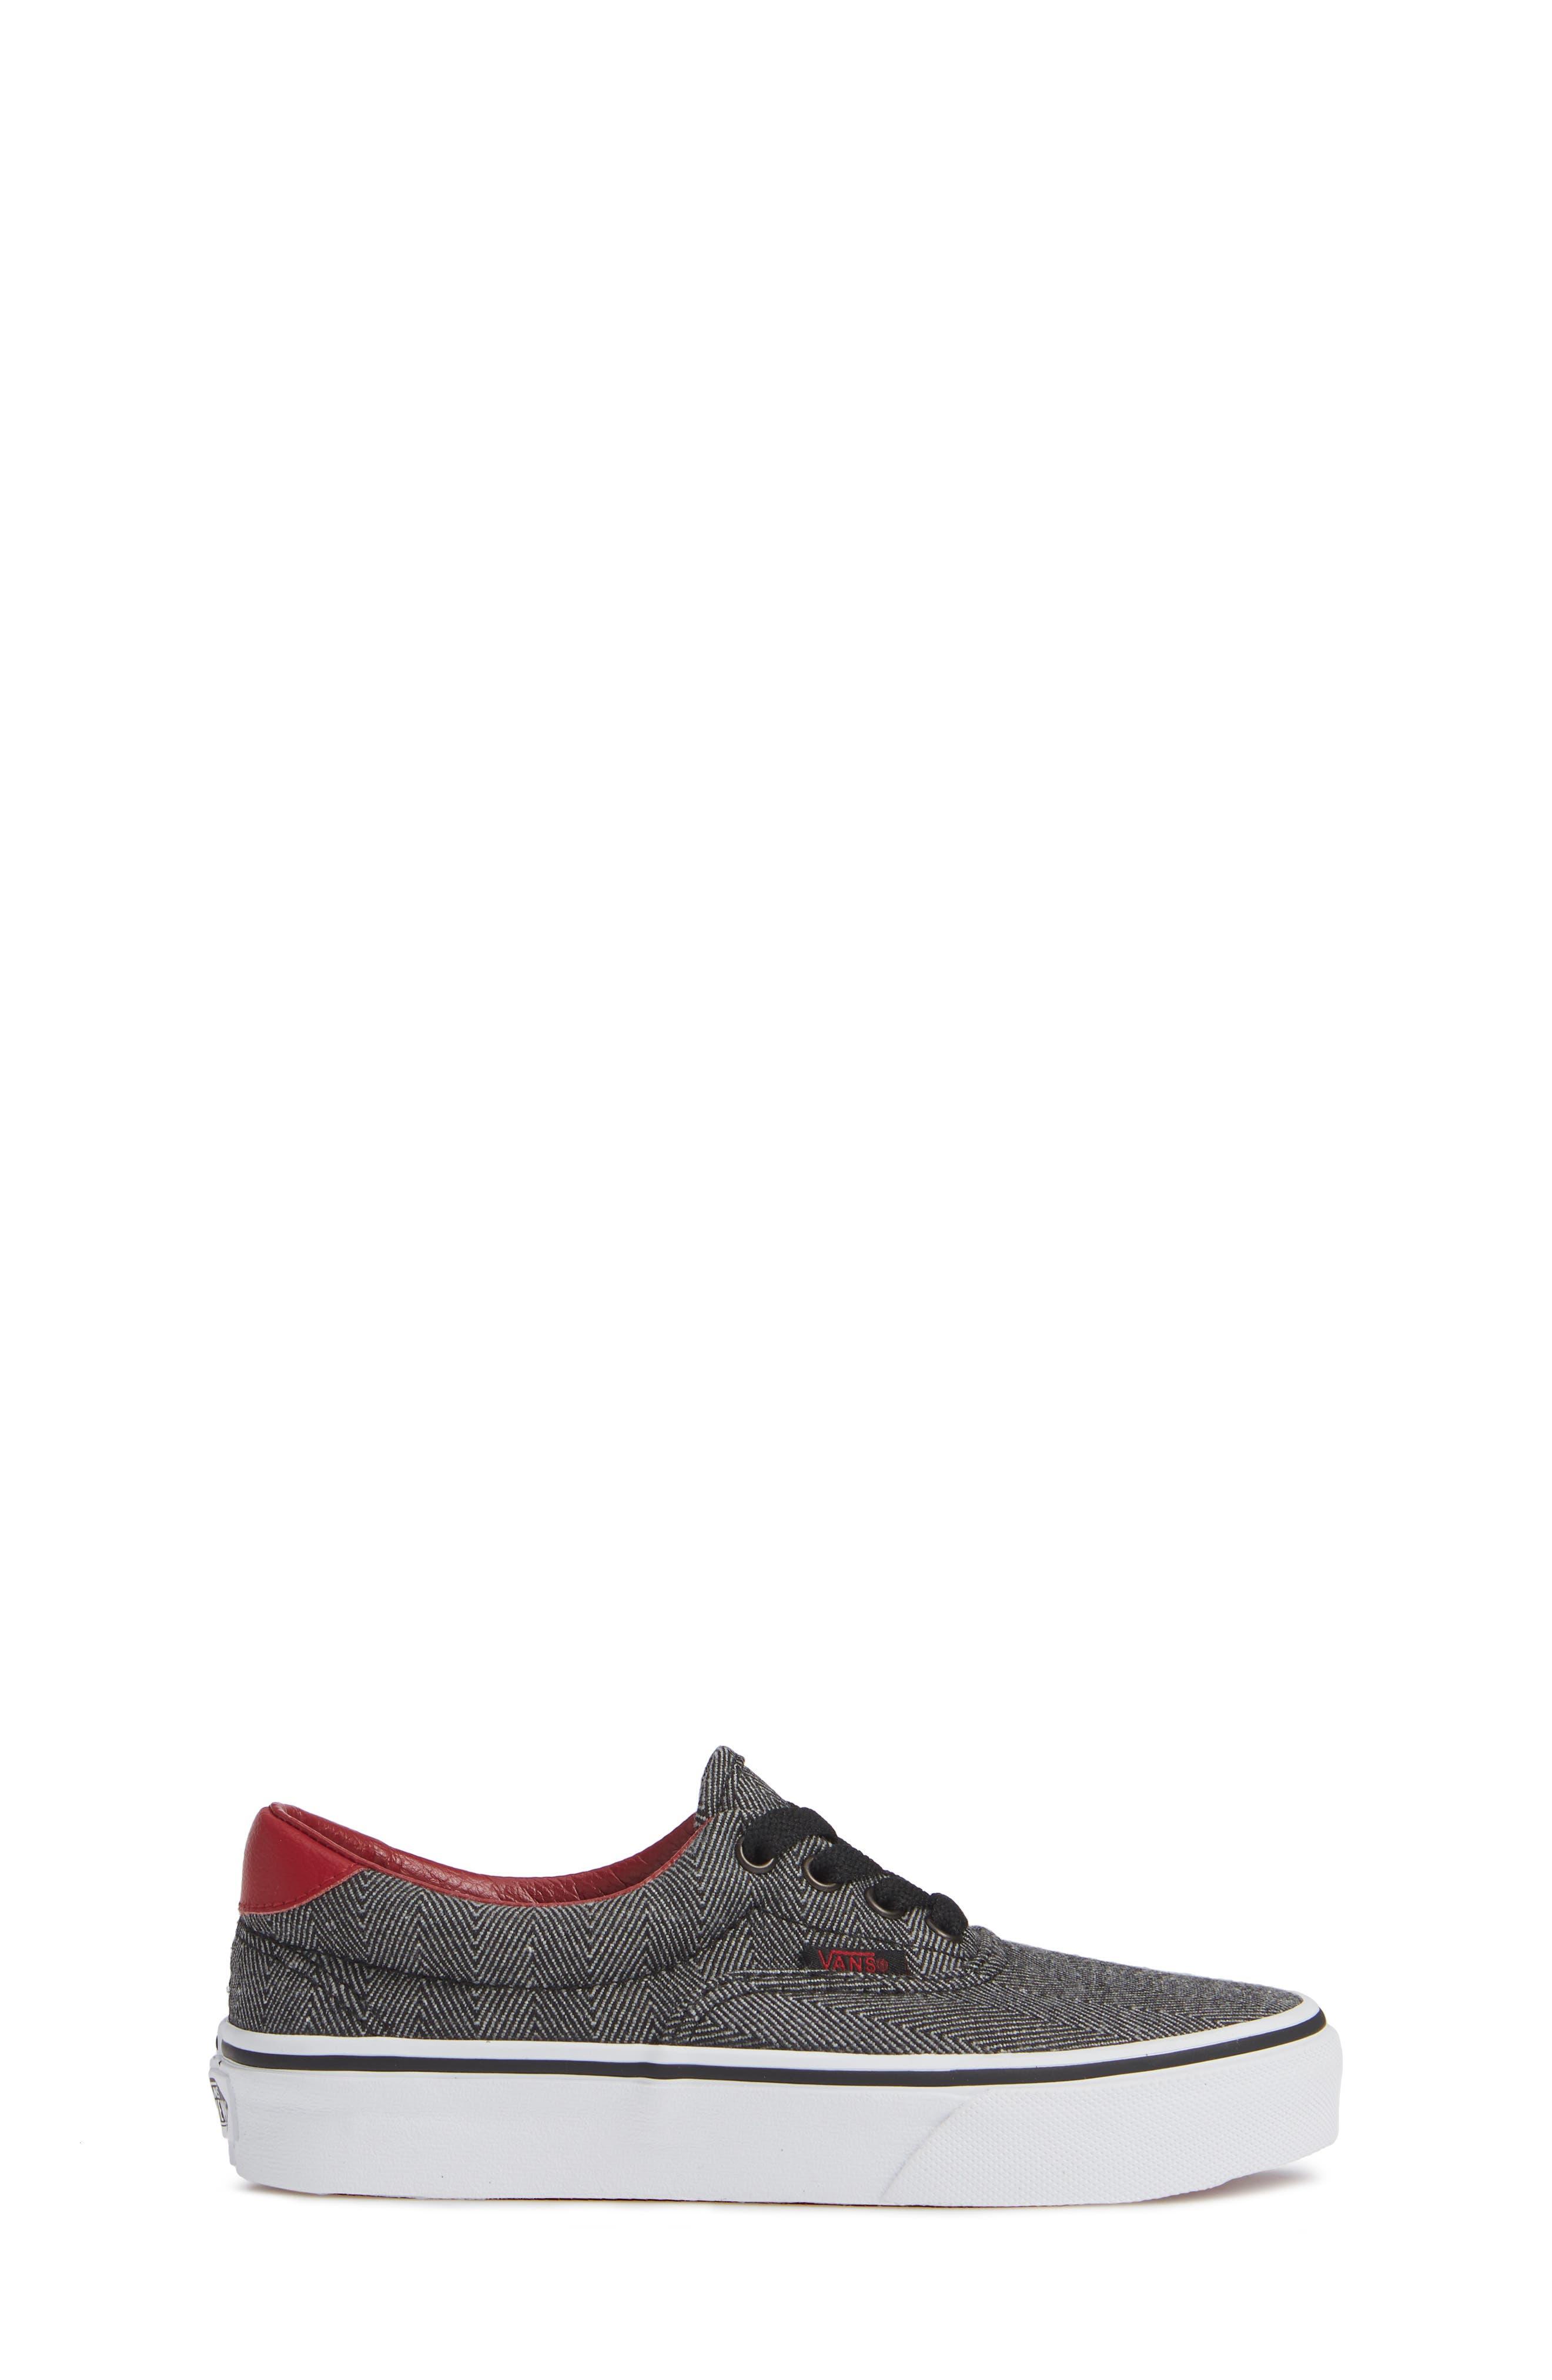 Era 59 Bleacher Sneaker,                             Alternate thumbnail 3, color,                             002